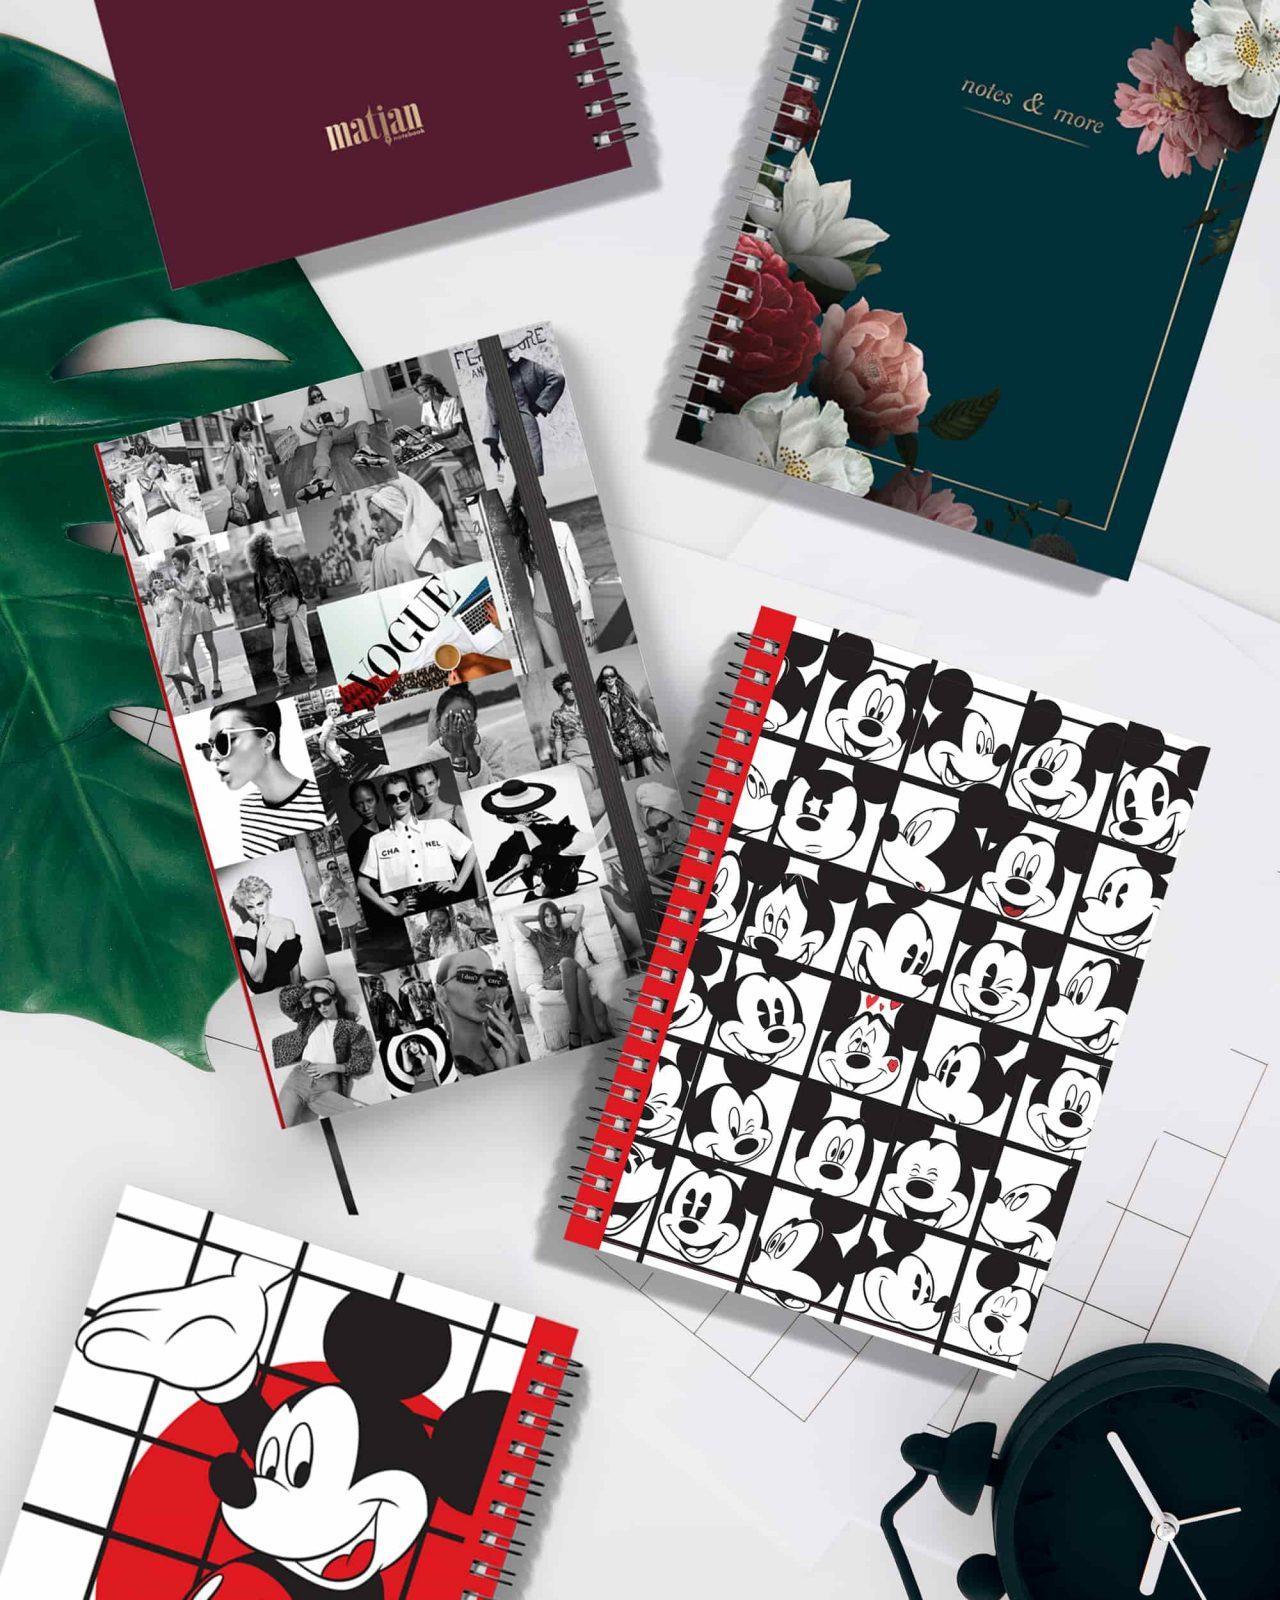 Matian Notebook